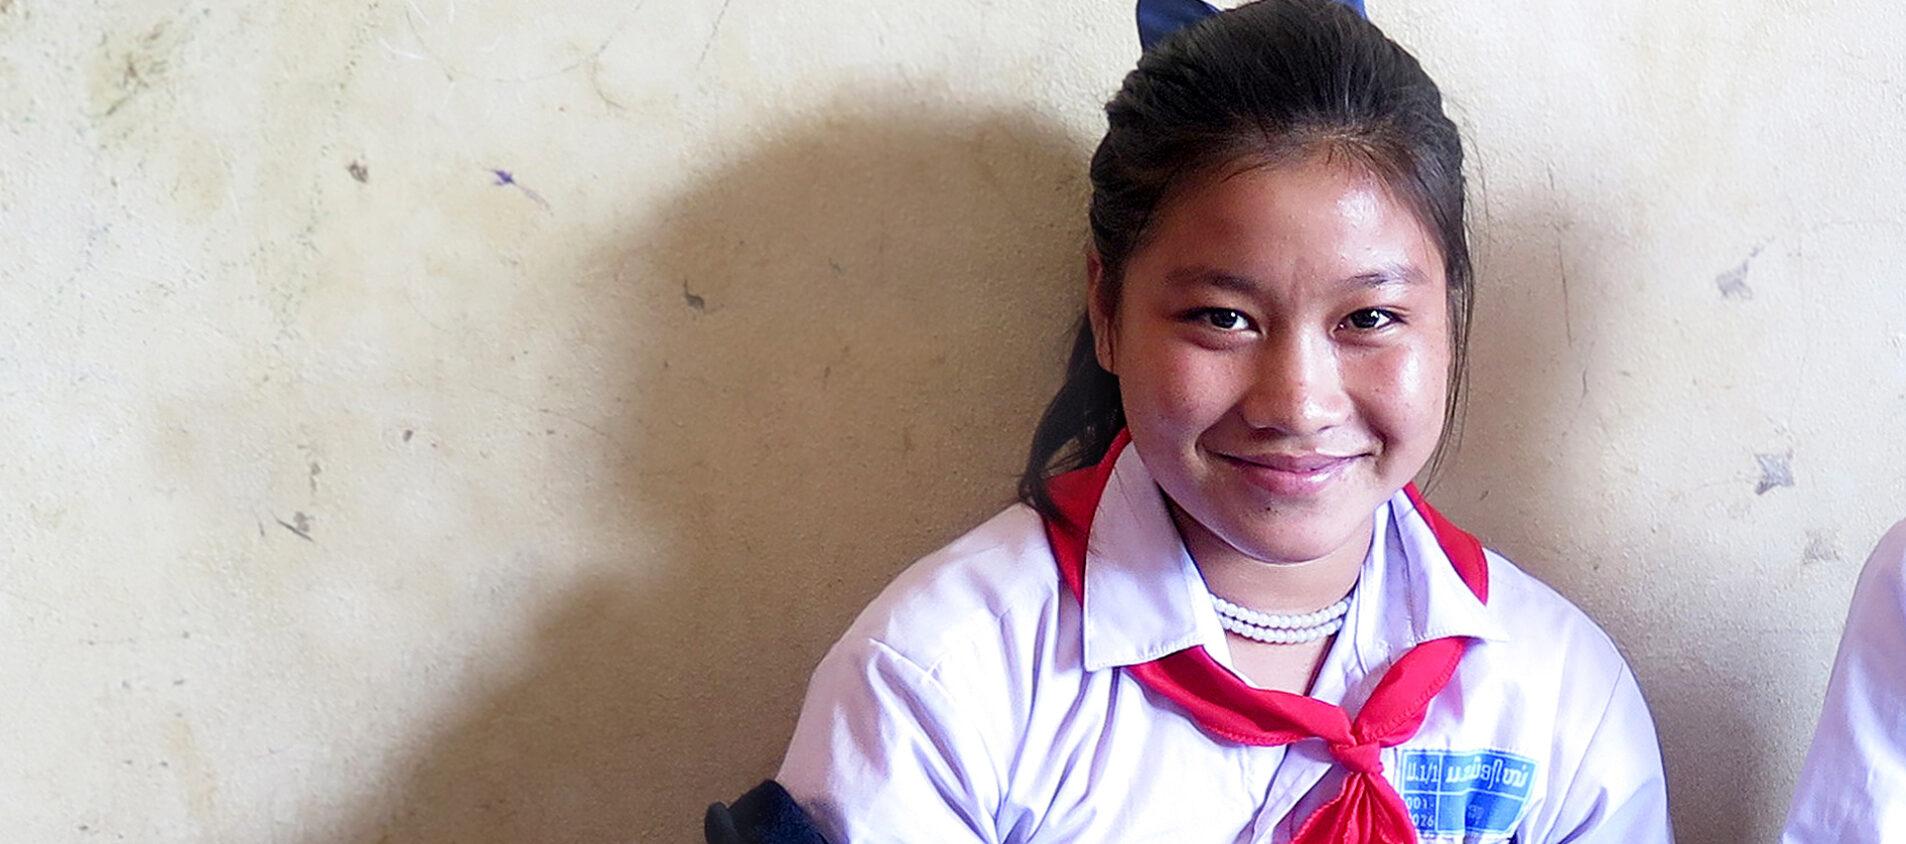 Sannos föräldrar behövde hjälp med jordbruket. Men Sannos morbror övertalade dem att låta Sanno flytta till staden för att fortsätta skolan.